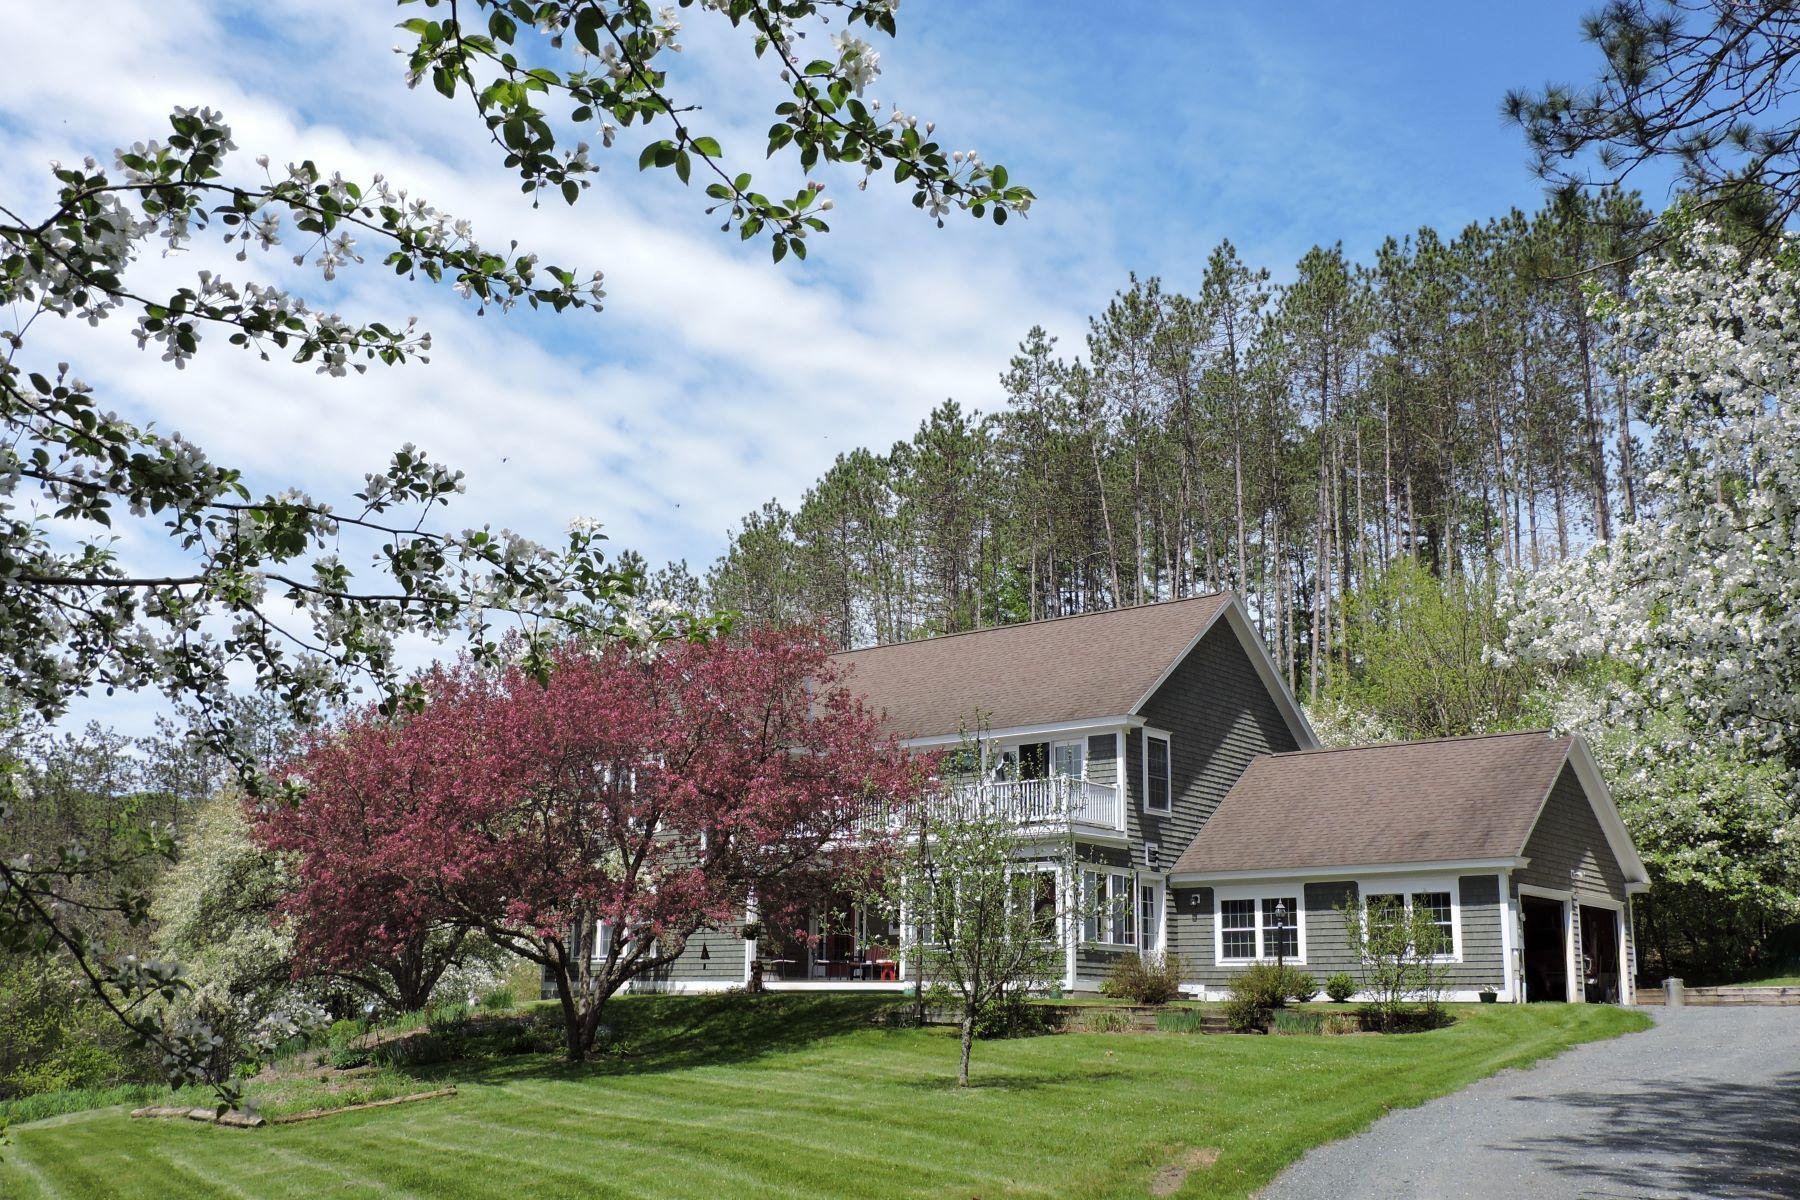 Maison unifamiliale pour l Vente à Spacious home on Joe's Brook 311 Brook Hill Rd Barnet, Vermont, 05821 États-Unis